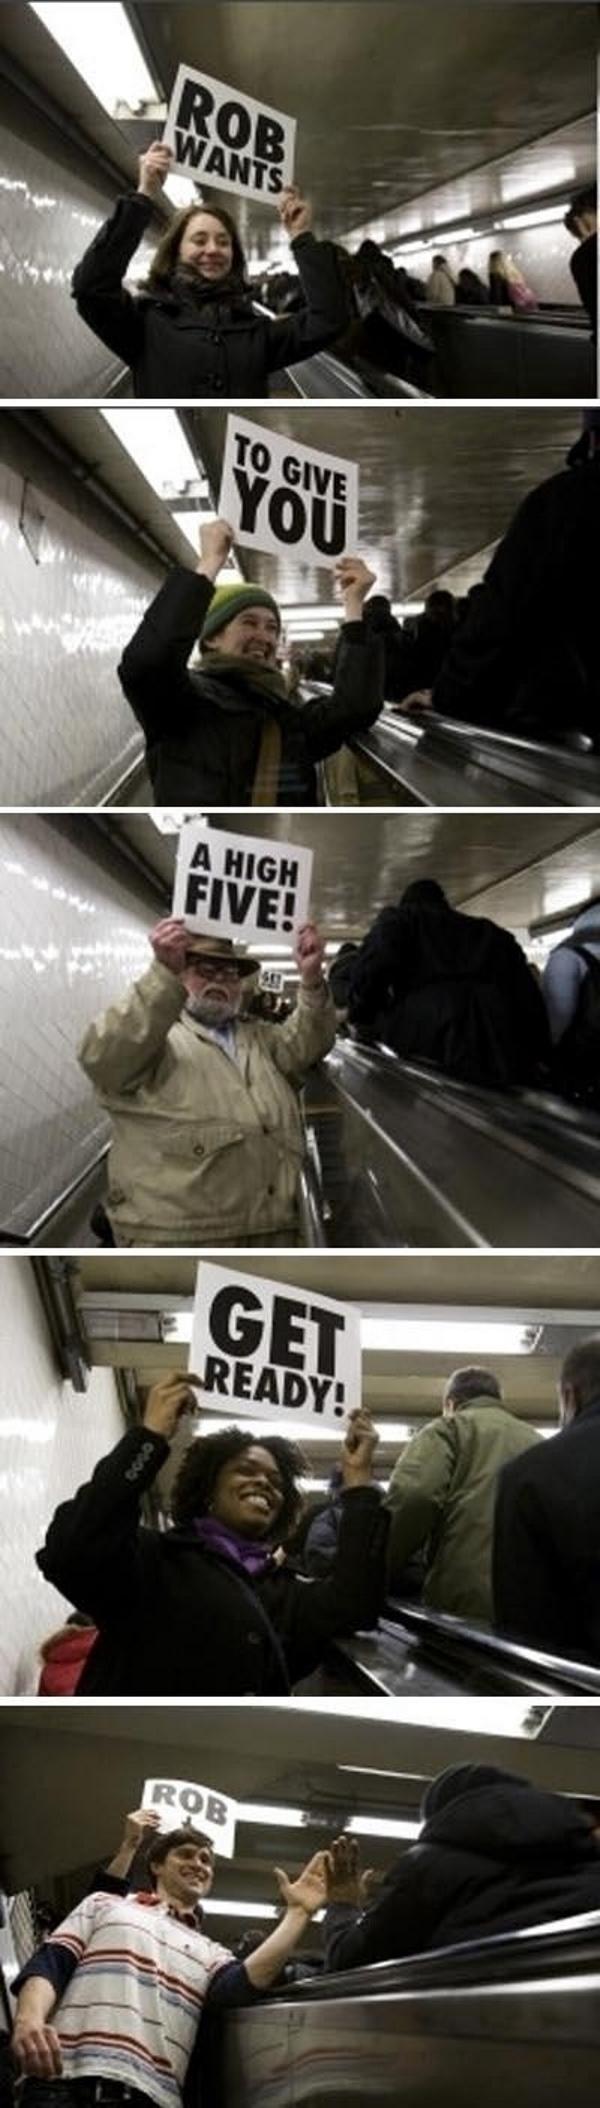 35 bức ảnh minh chứng lòng tốt con người vẫn còn tồn tại.